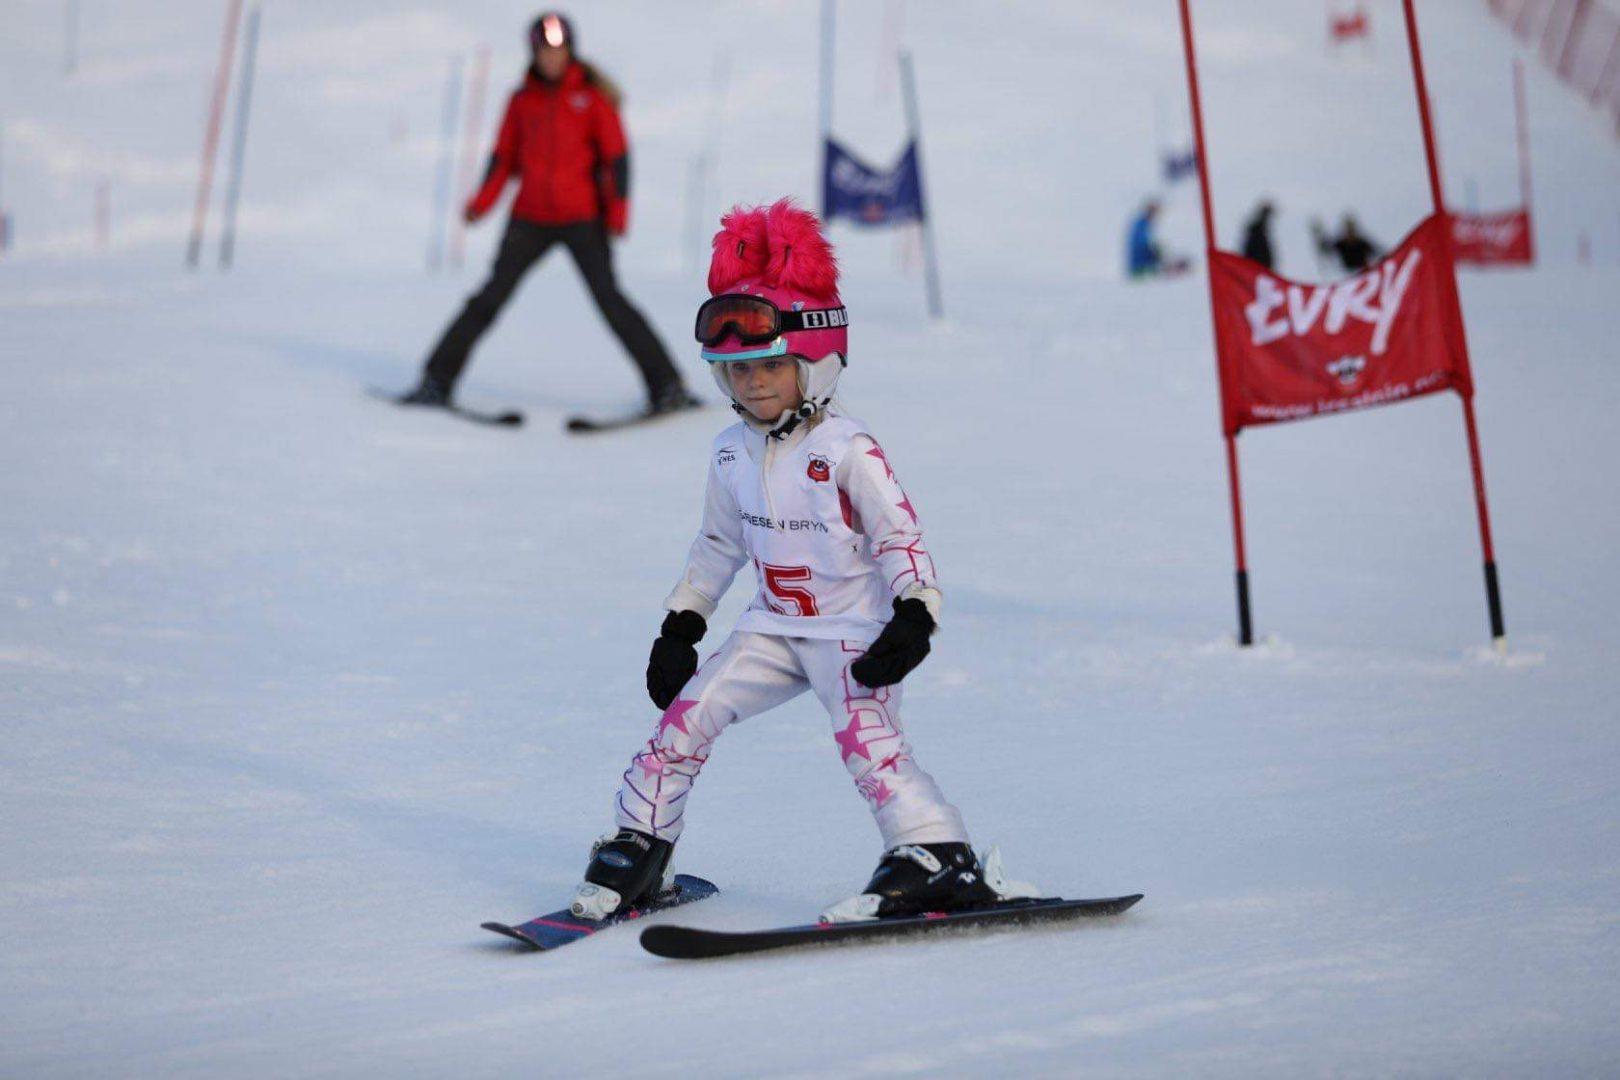 IRS utvider skitilbudet sitt i vinter.